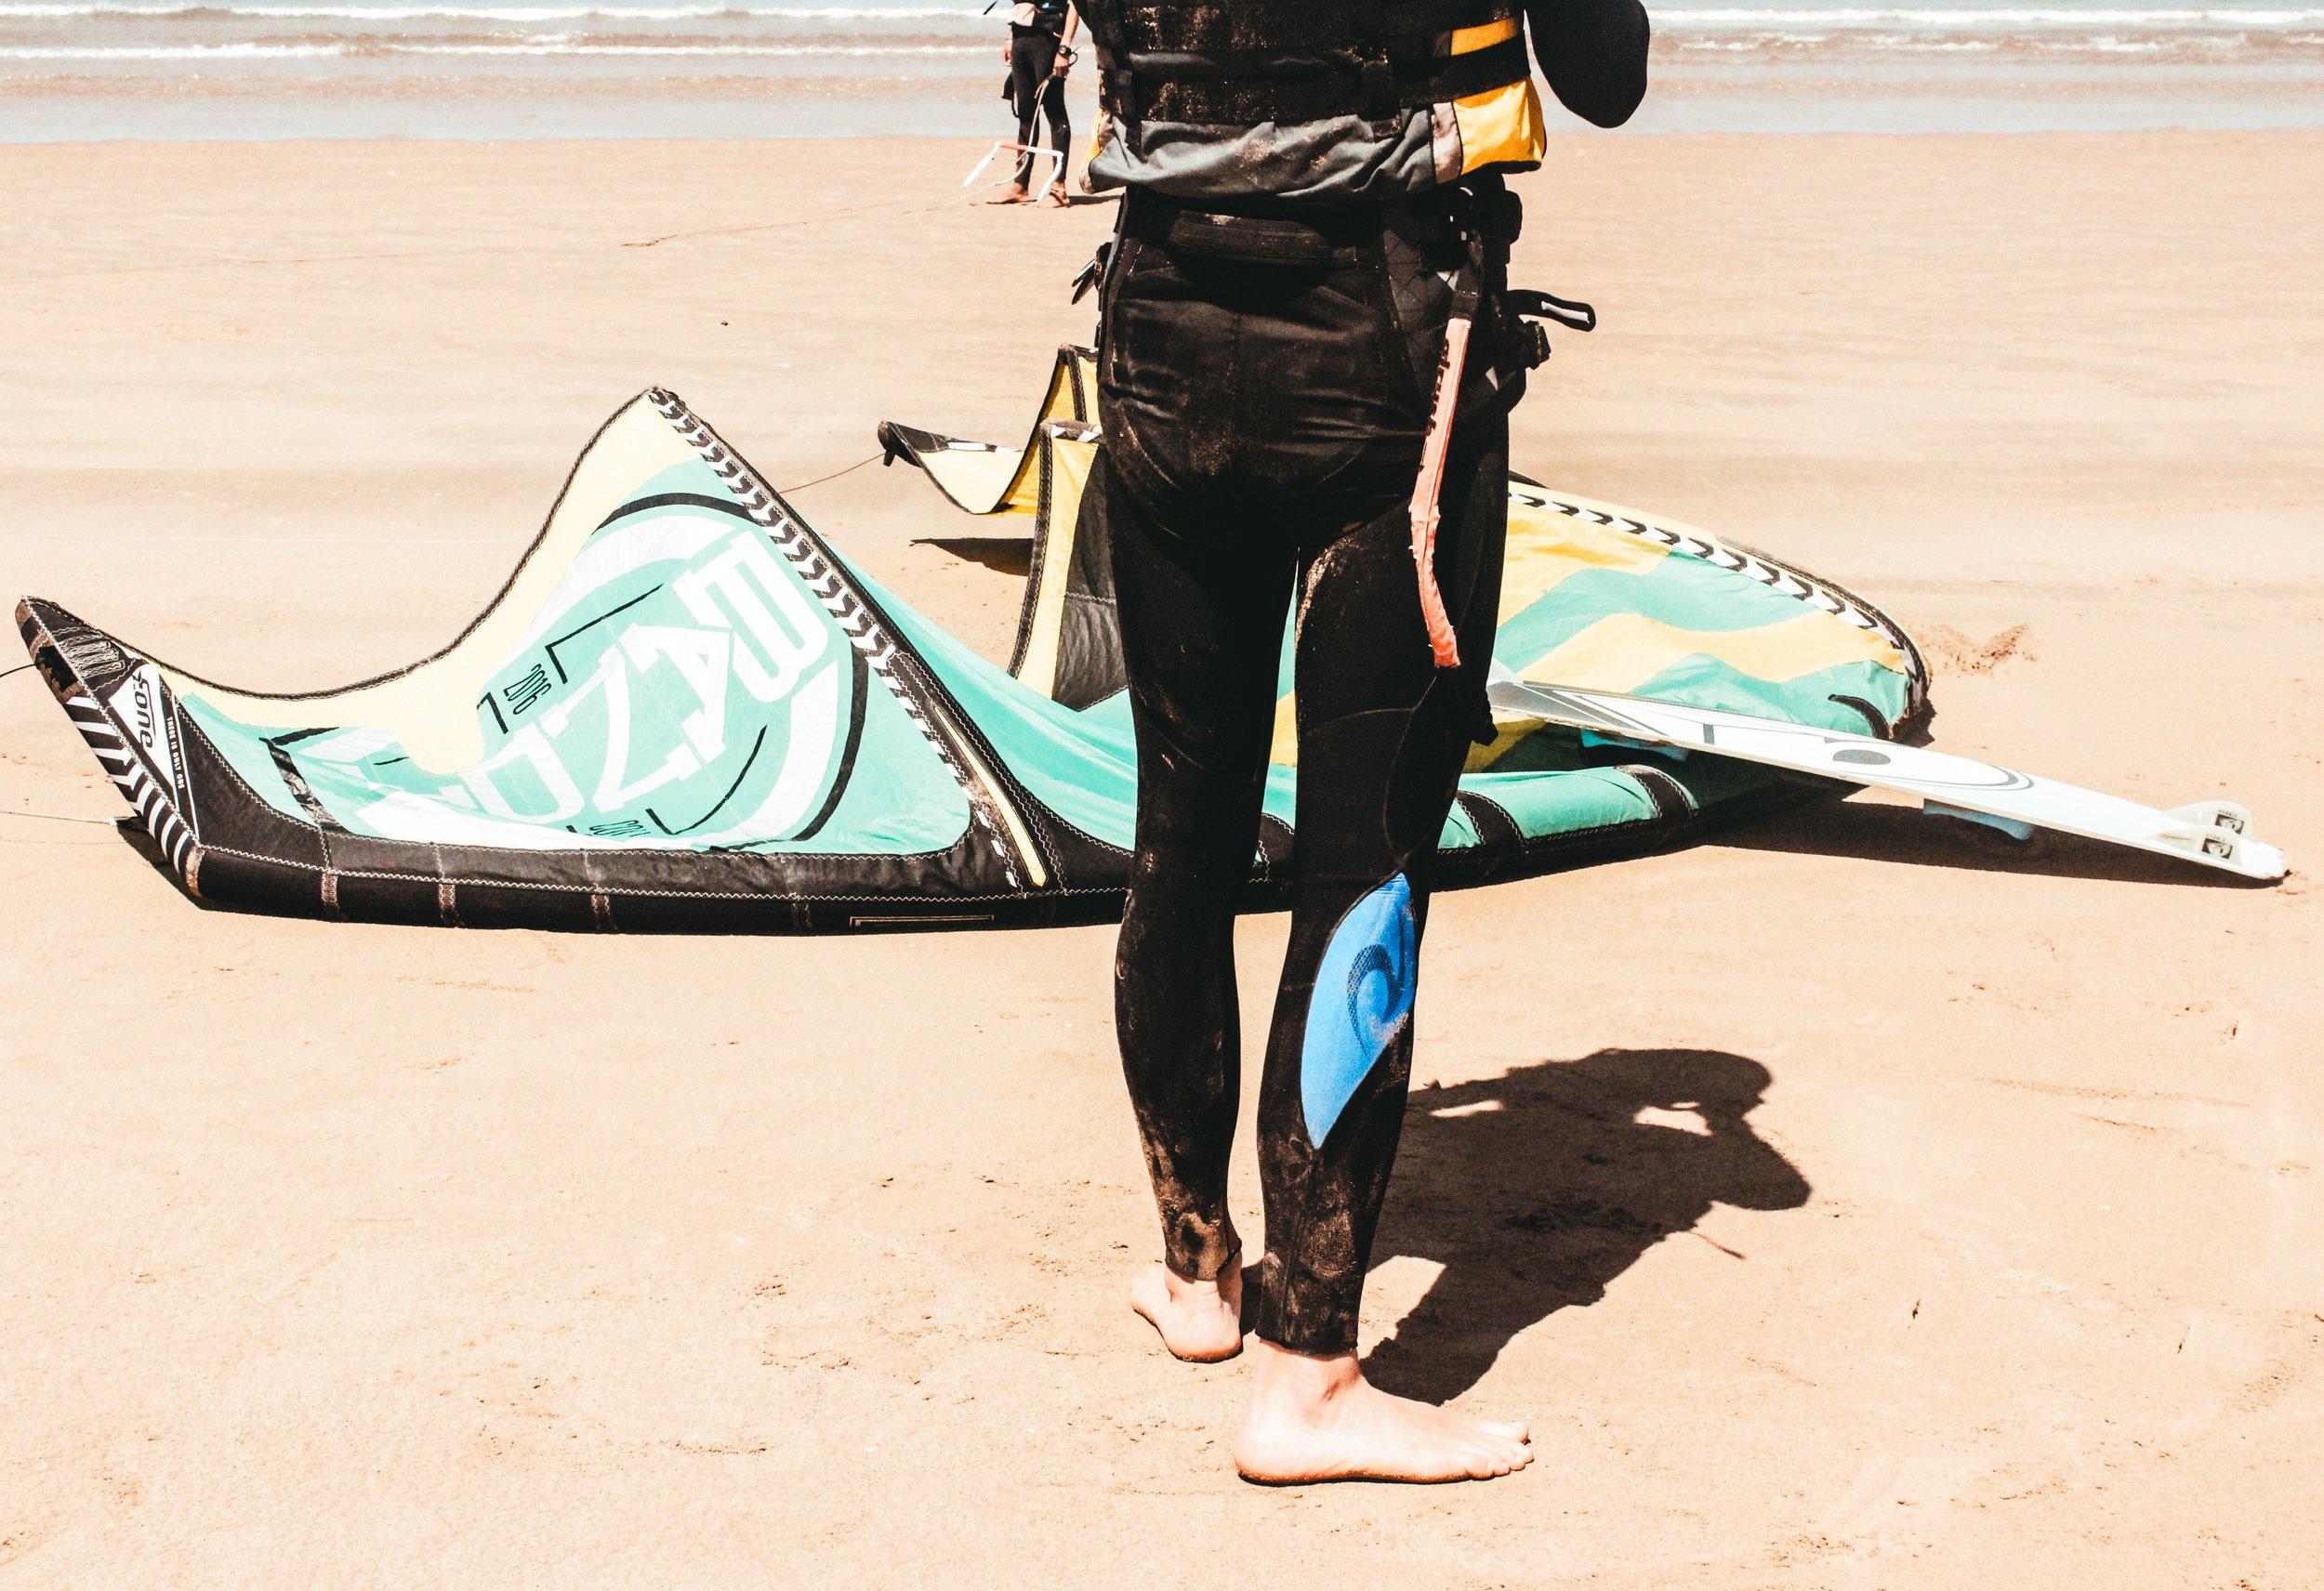 Kitesurf wing